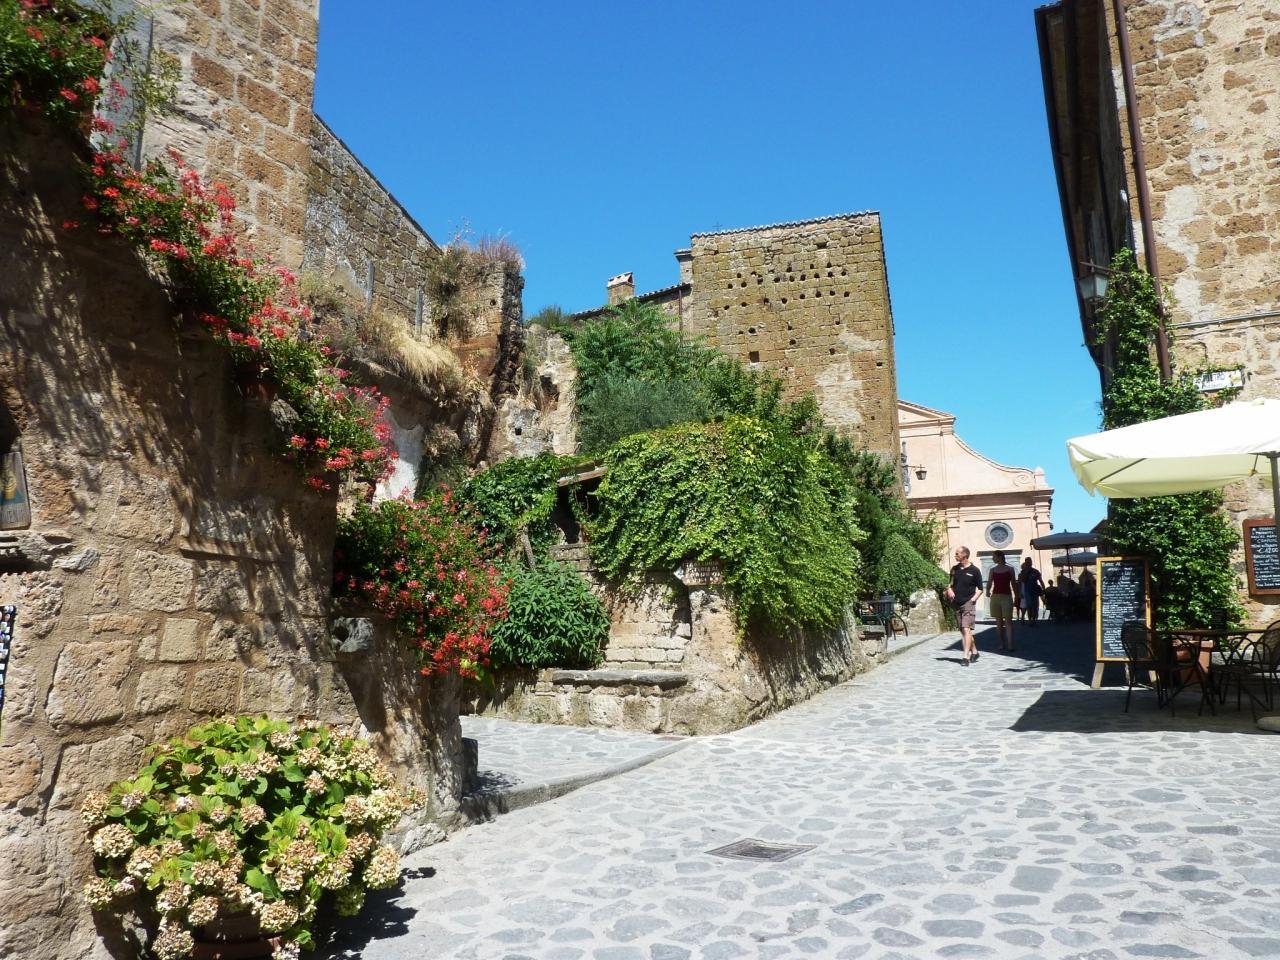 歴史を感じさせる中世の町並みと景観を満喫